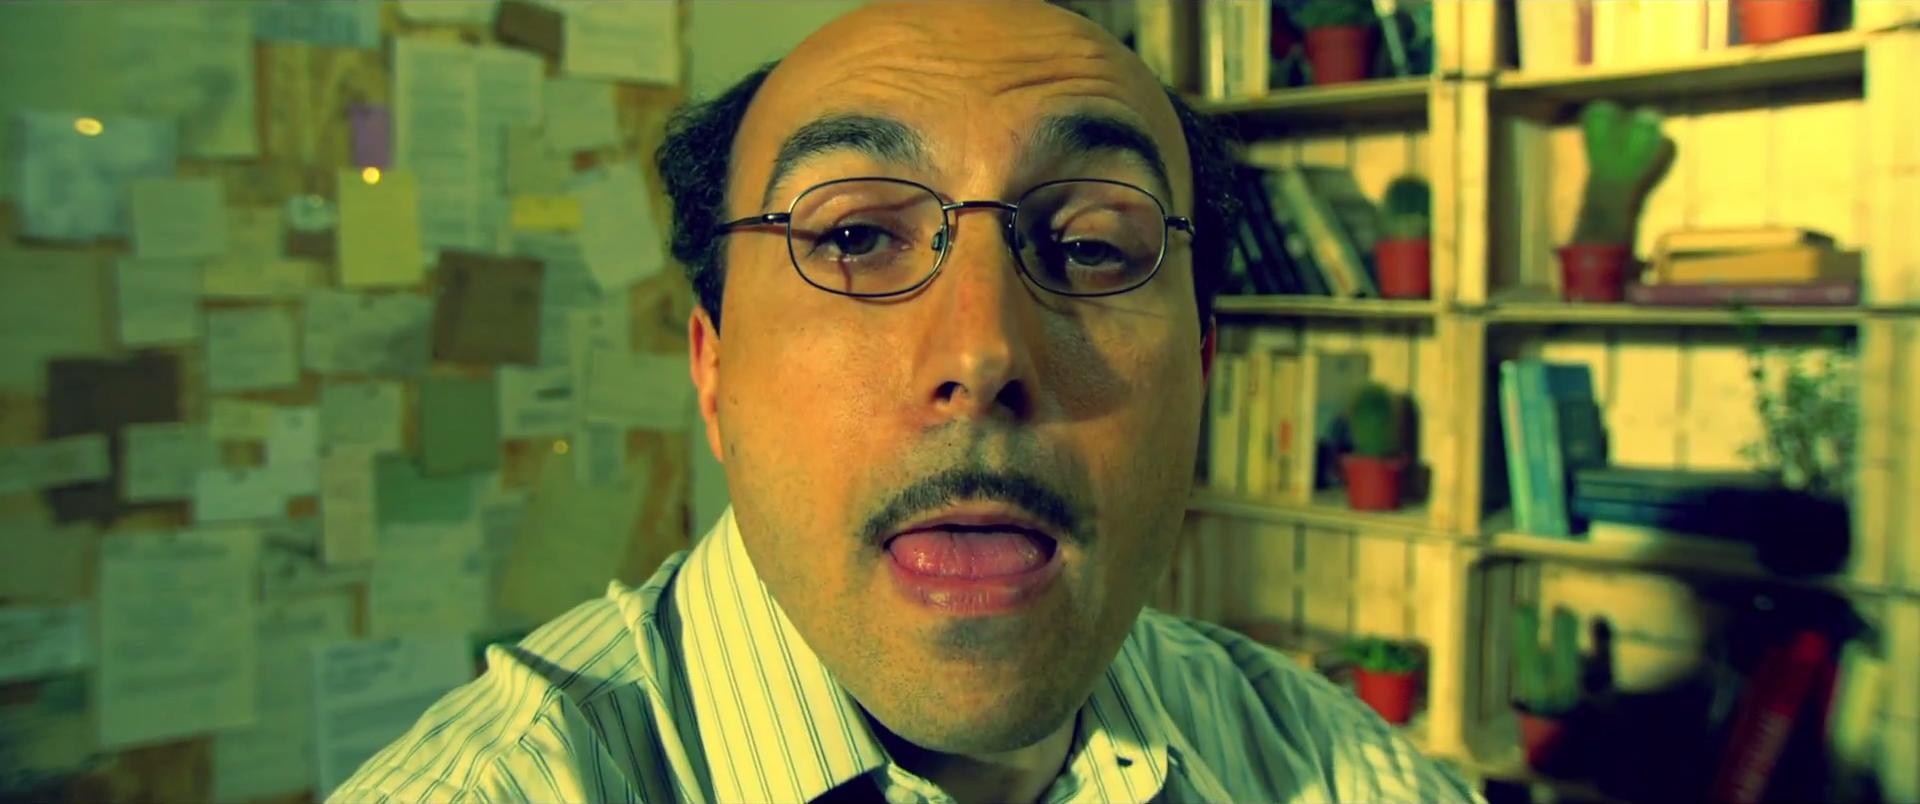 Italiano Medio: il film di Maccio Capatonda stasera su 20